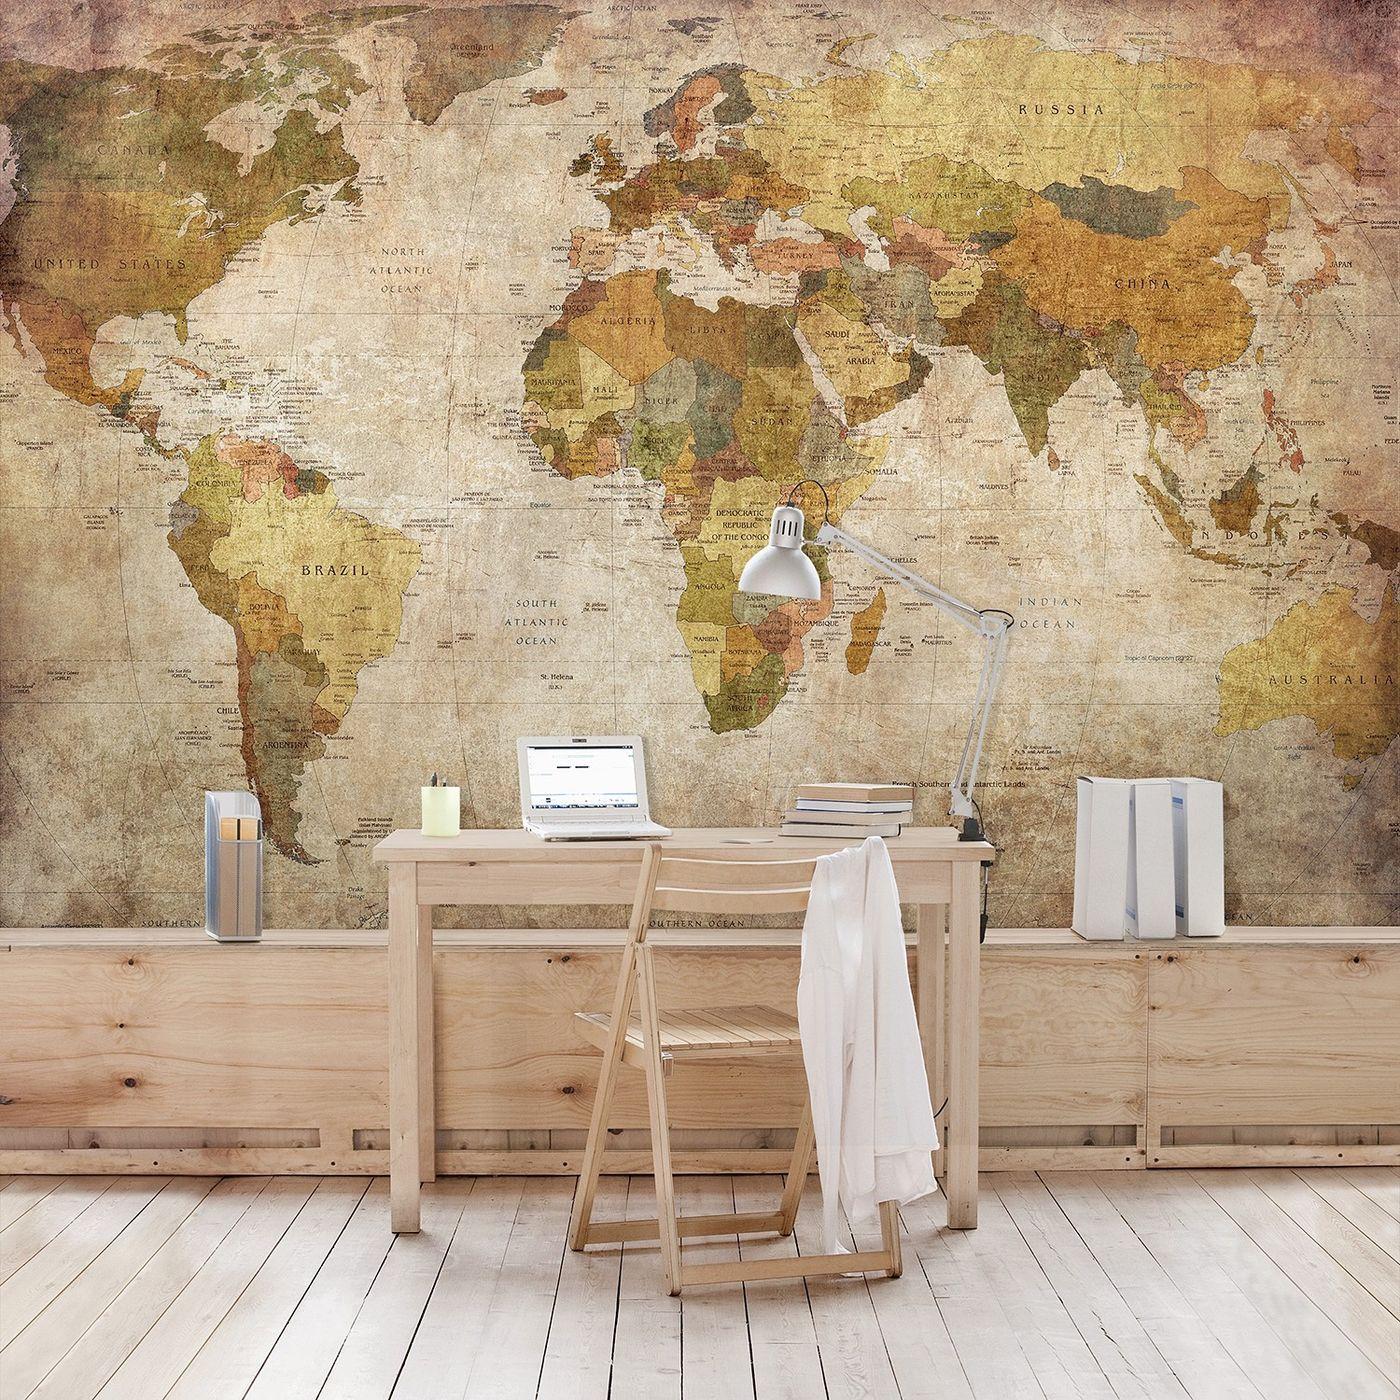 Full Size of Schnsten Wanddeko Ideen Küche Wohnzimmer Tapeten Bad Renovieren Wohnzimmer Wanddeko Ideen